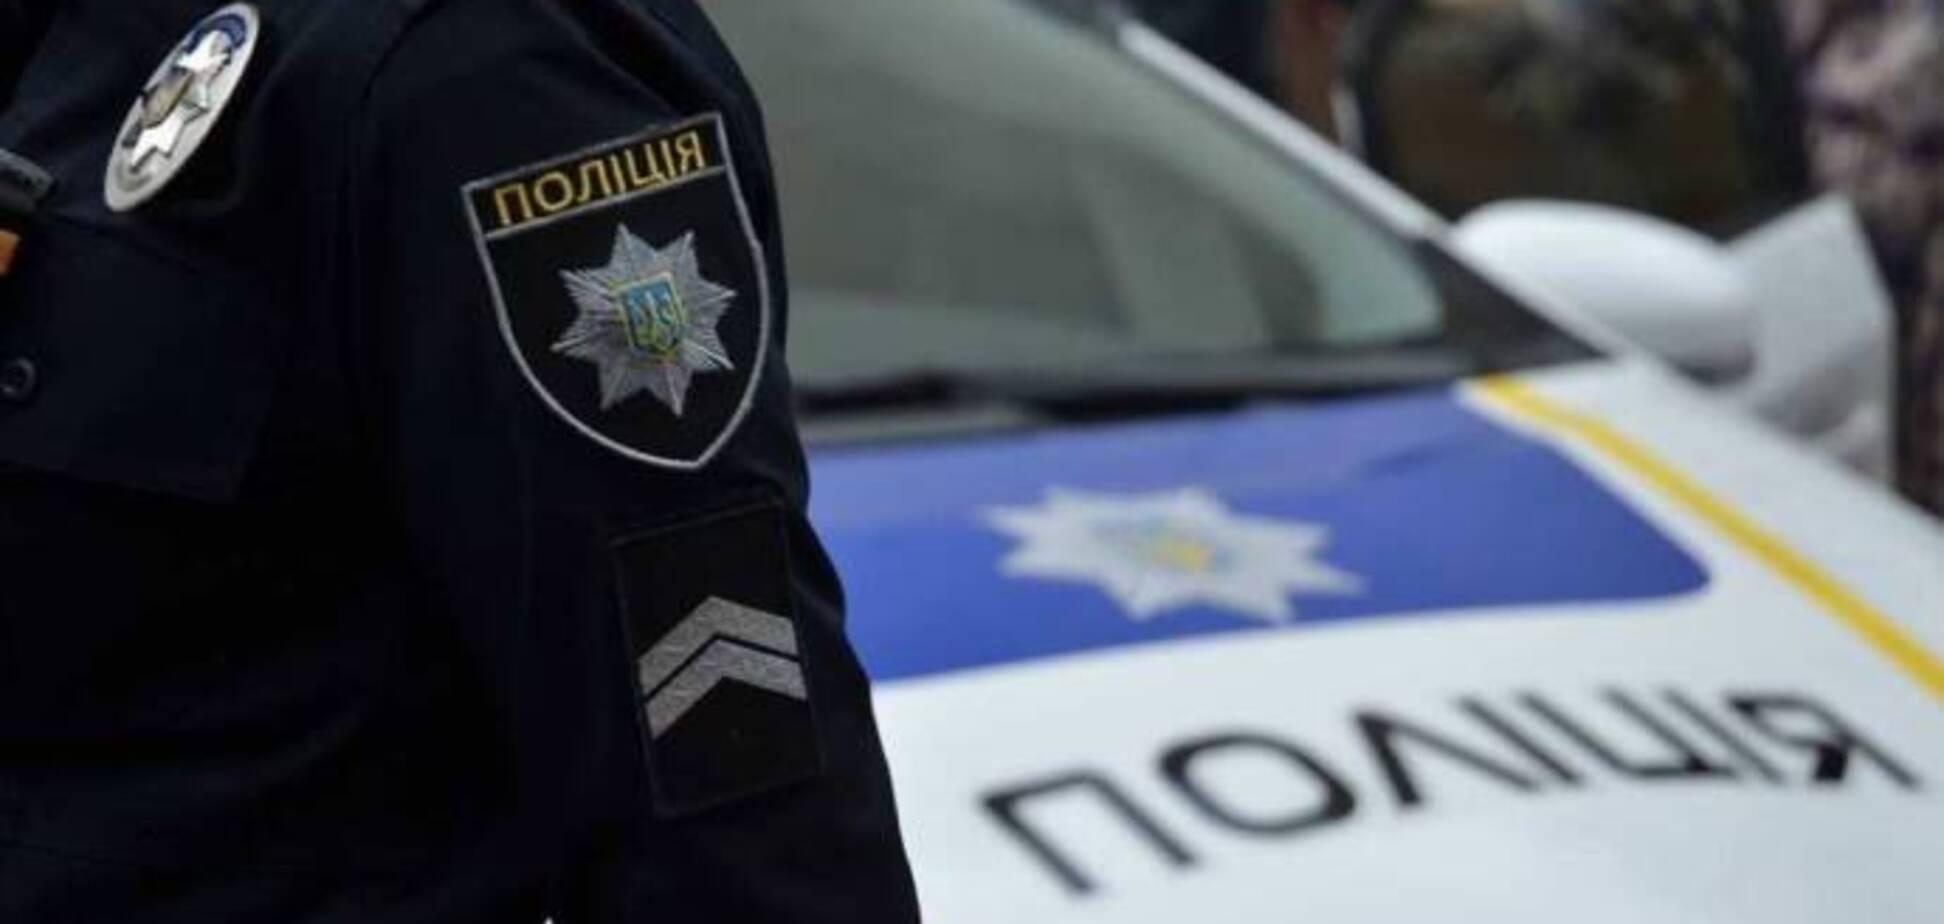 У Києві чоловік зарізав дружину, а потім наклав на себе руки. Ілюстрація